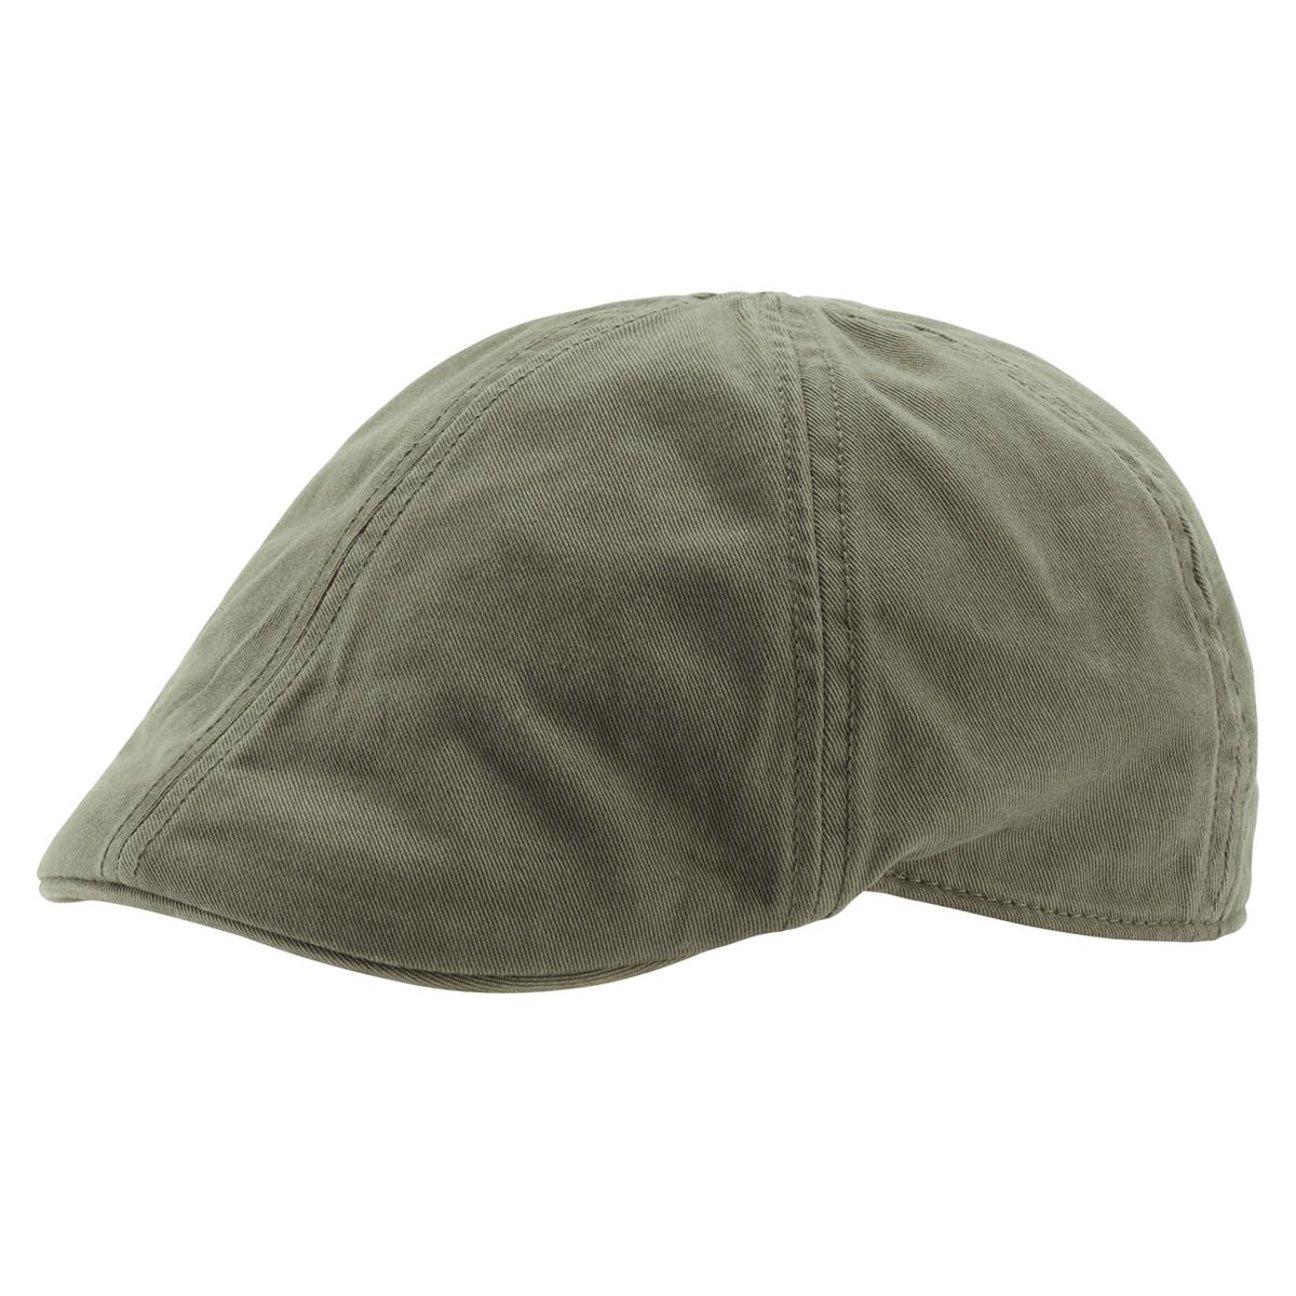 Gatsby Street Coppola berretto piatto cappello Taglia unica - oliva